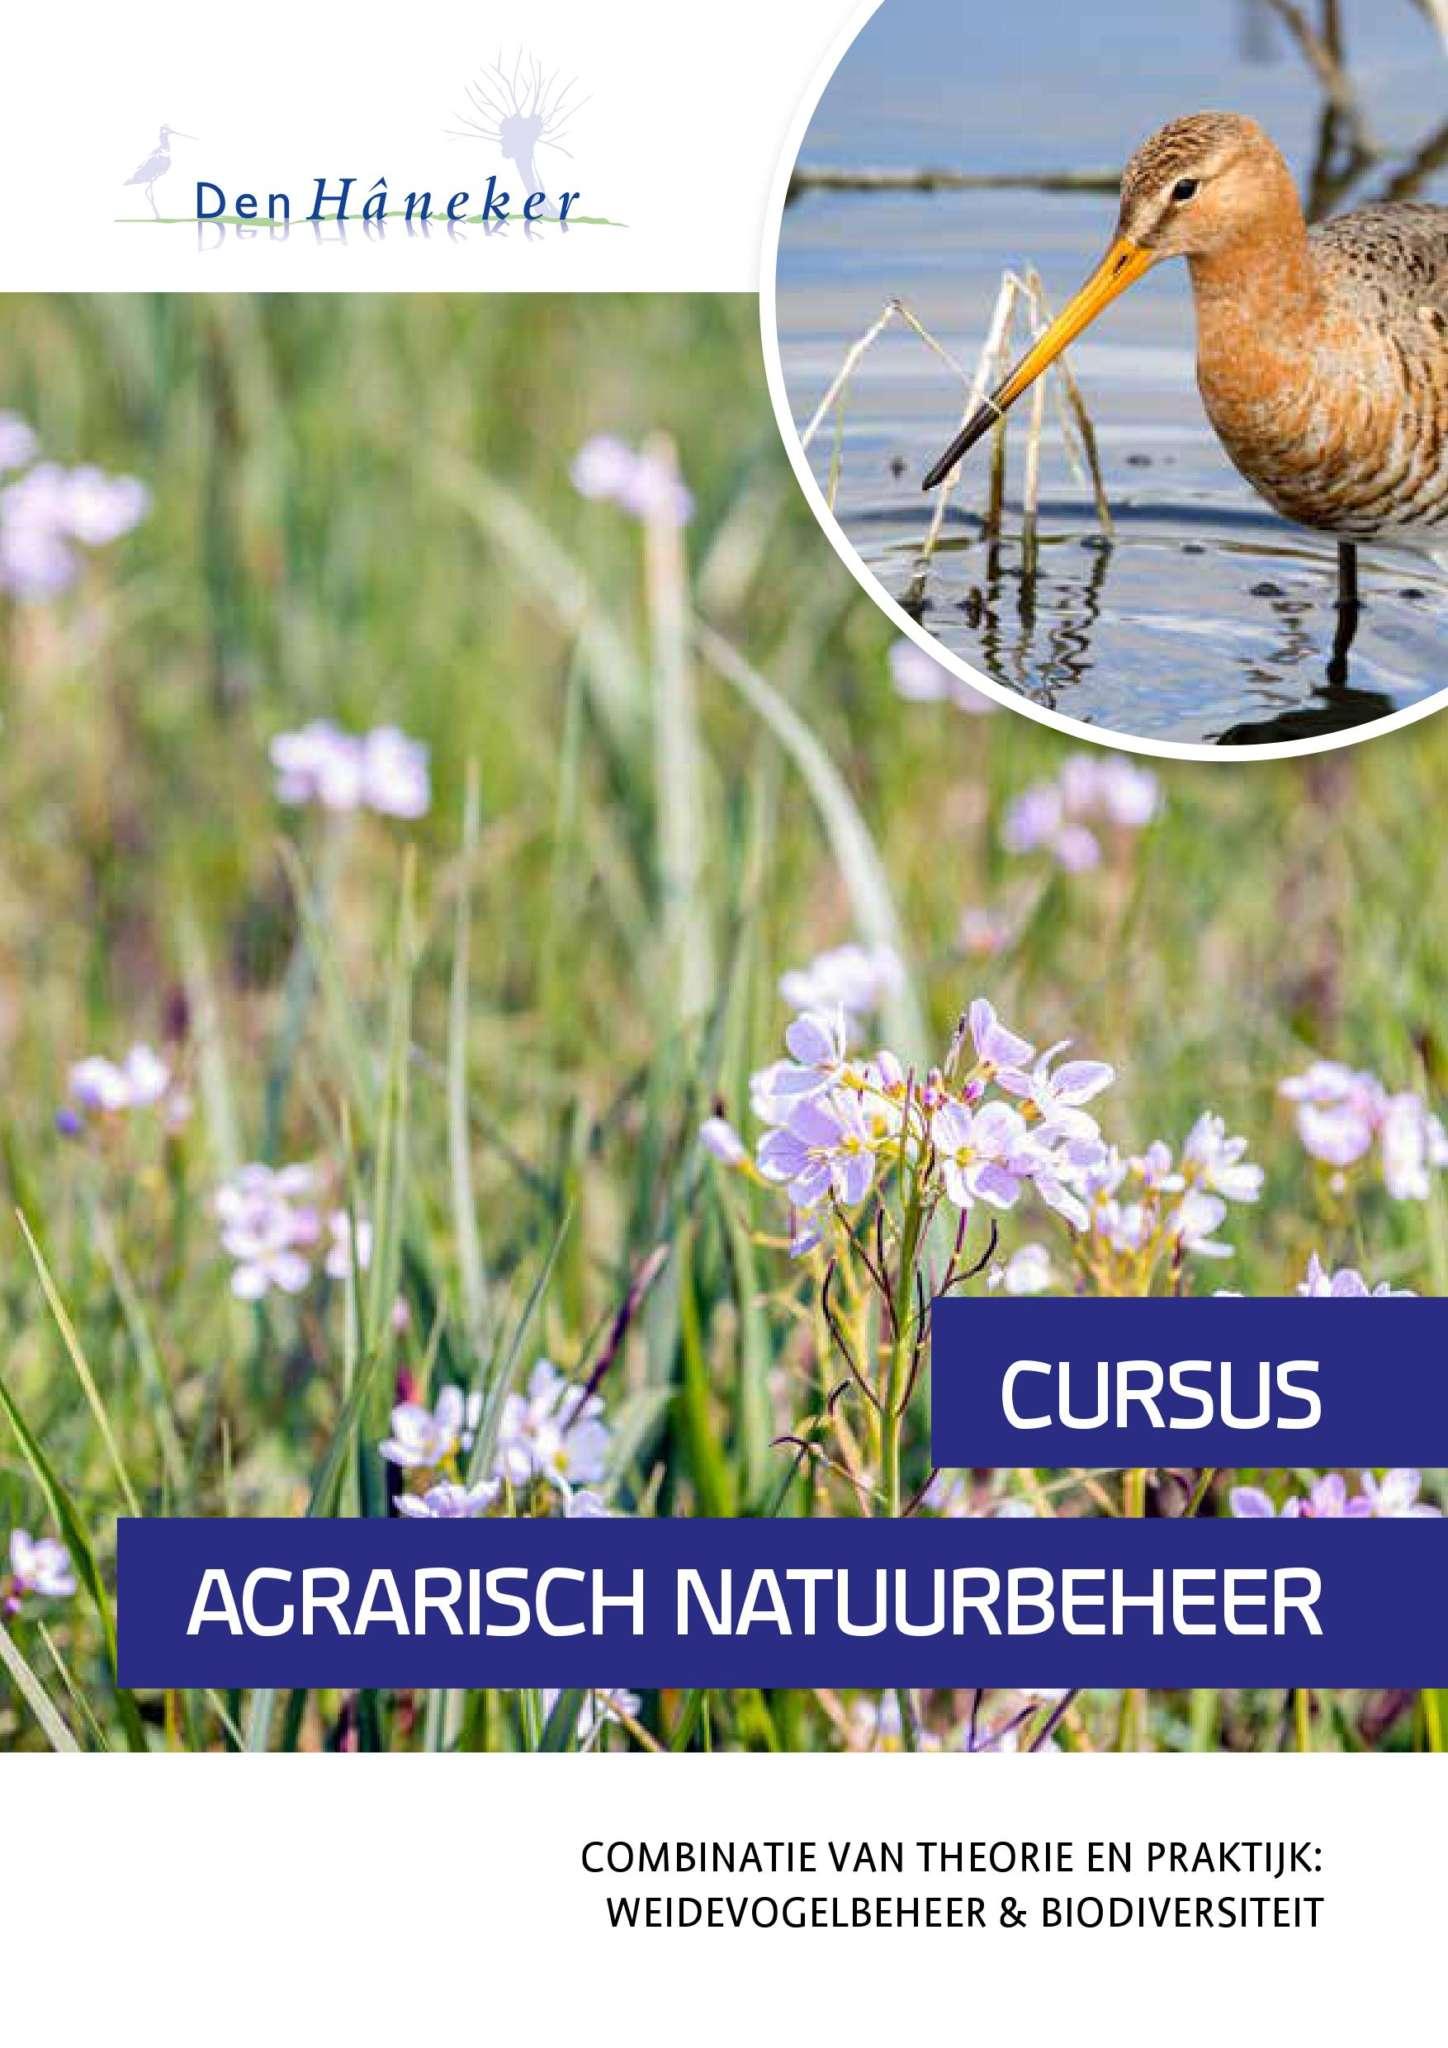 Flyer Cursus Agrarisch Natuurbeheer